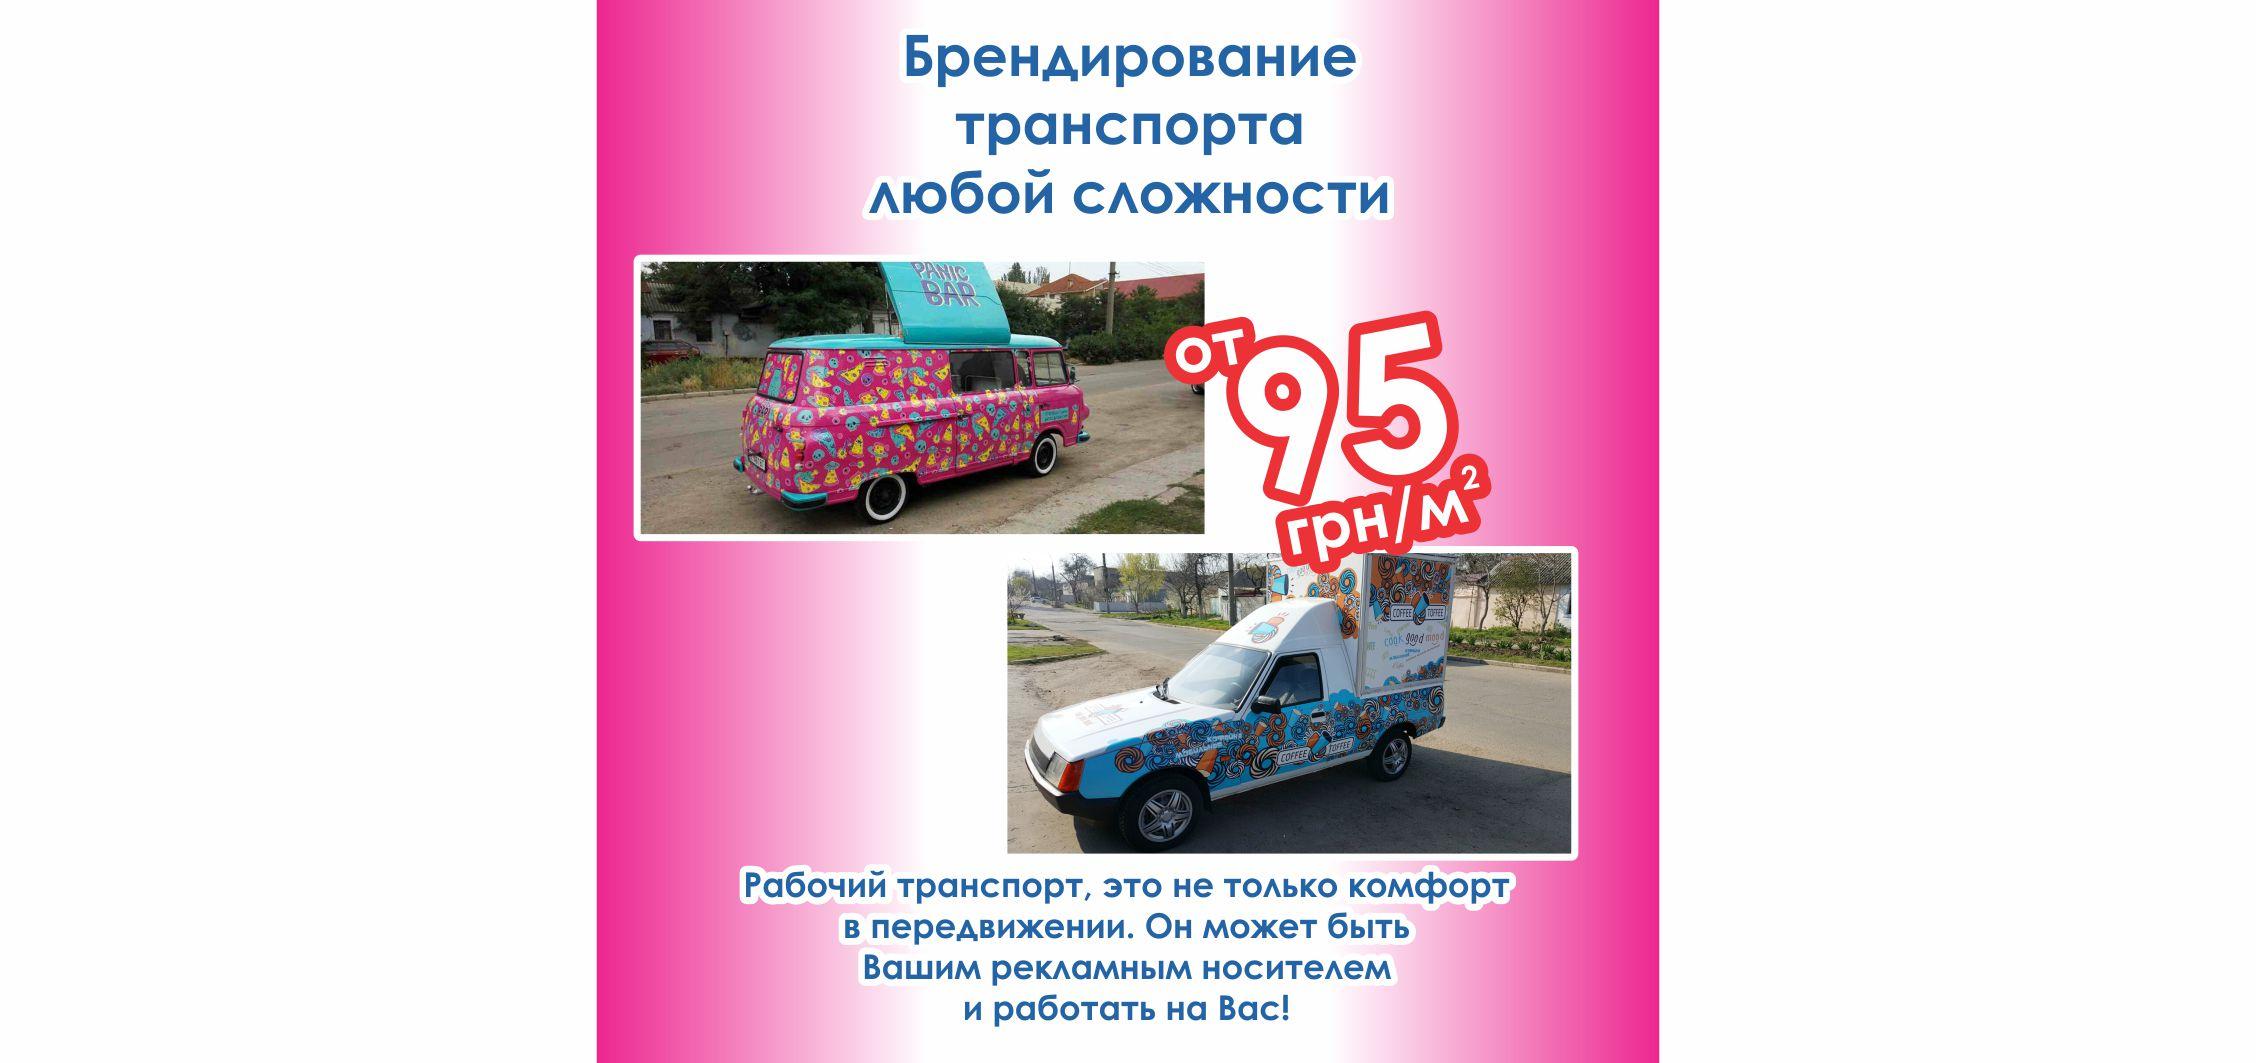 Брендирование транспорта, поклейка авто Бренд Медиа Николаев12